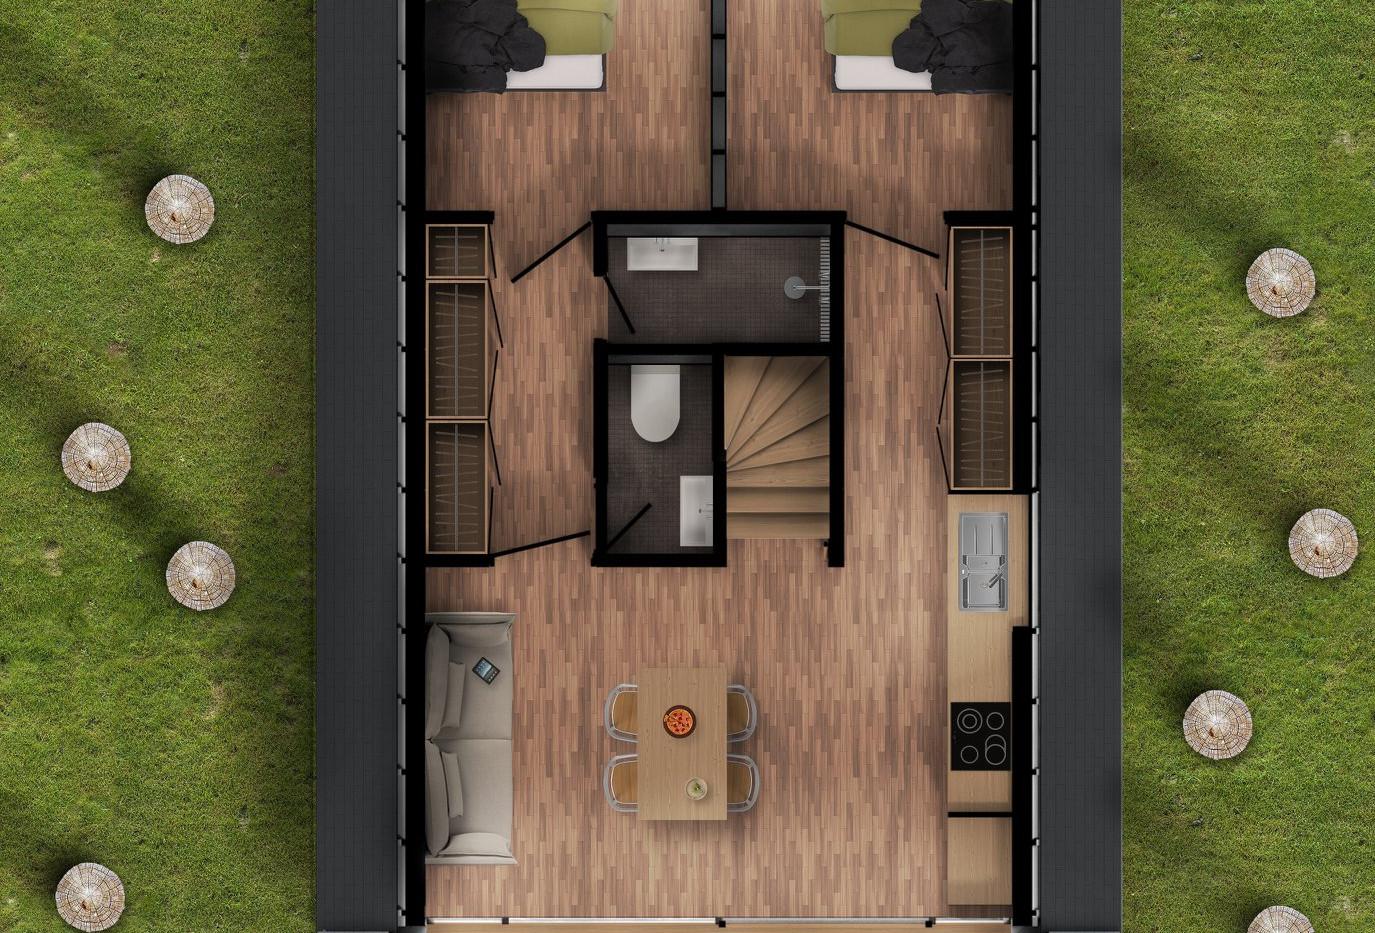 zen_garden_resort_ház_6+2.jpg